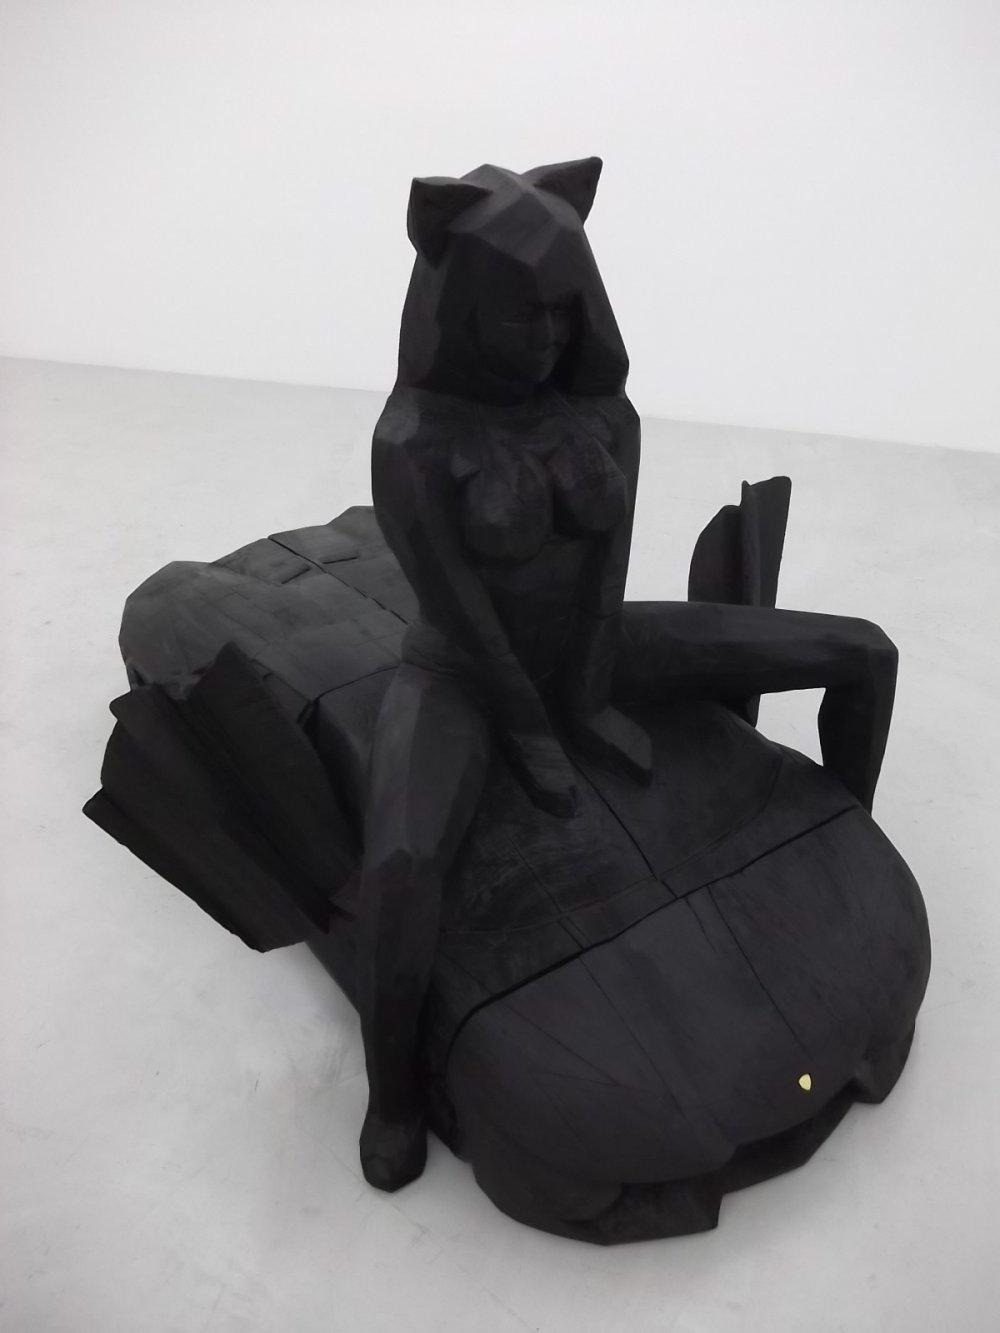 Tôi quên mất tác phẩm điêu khắc này là của ai